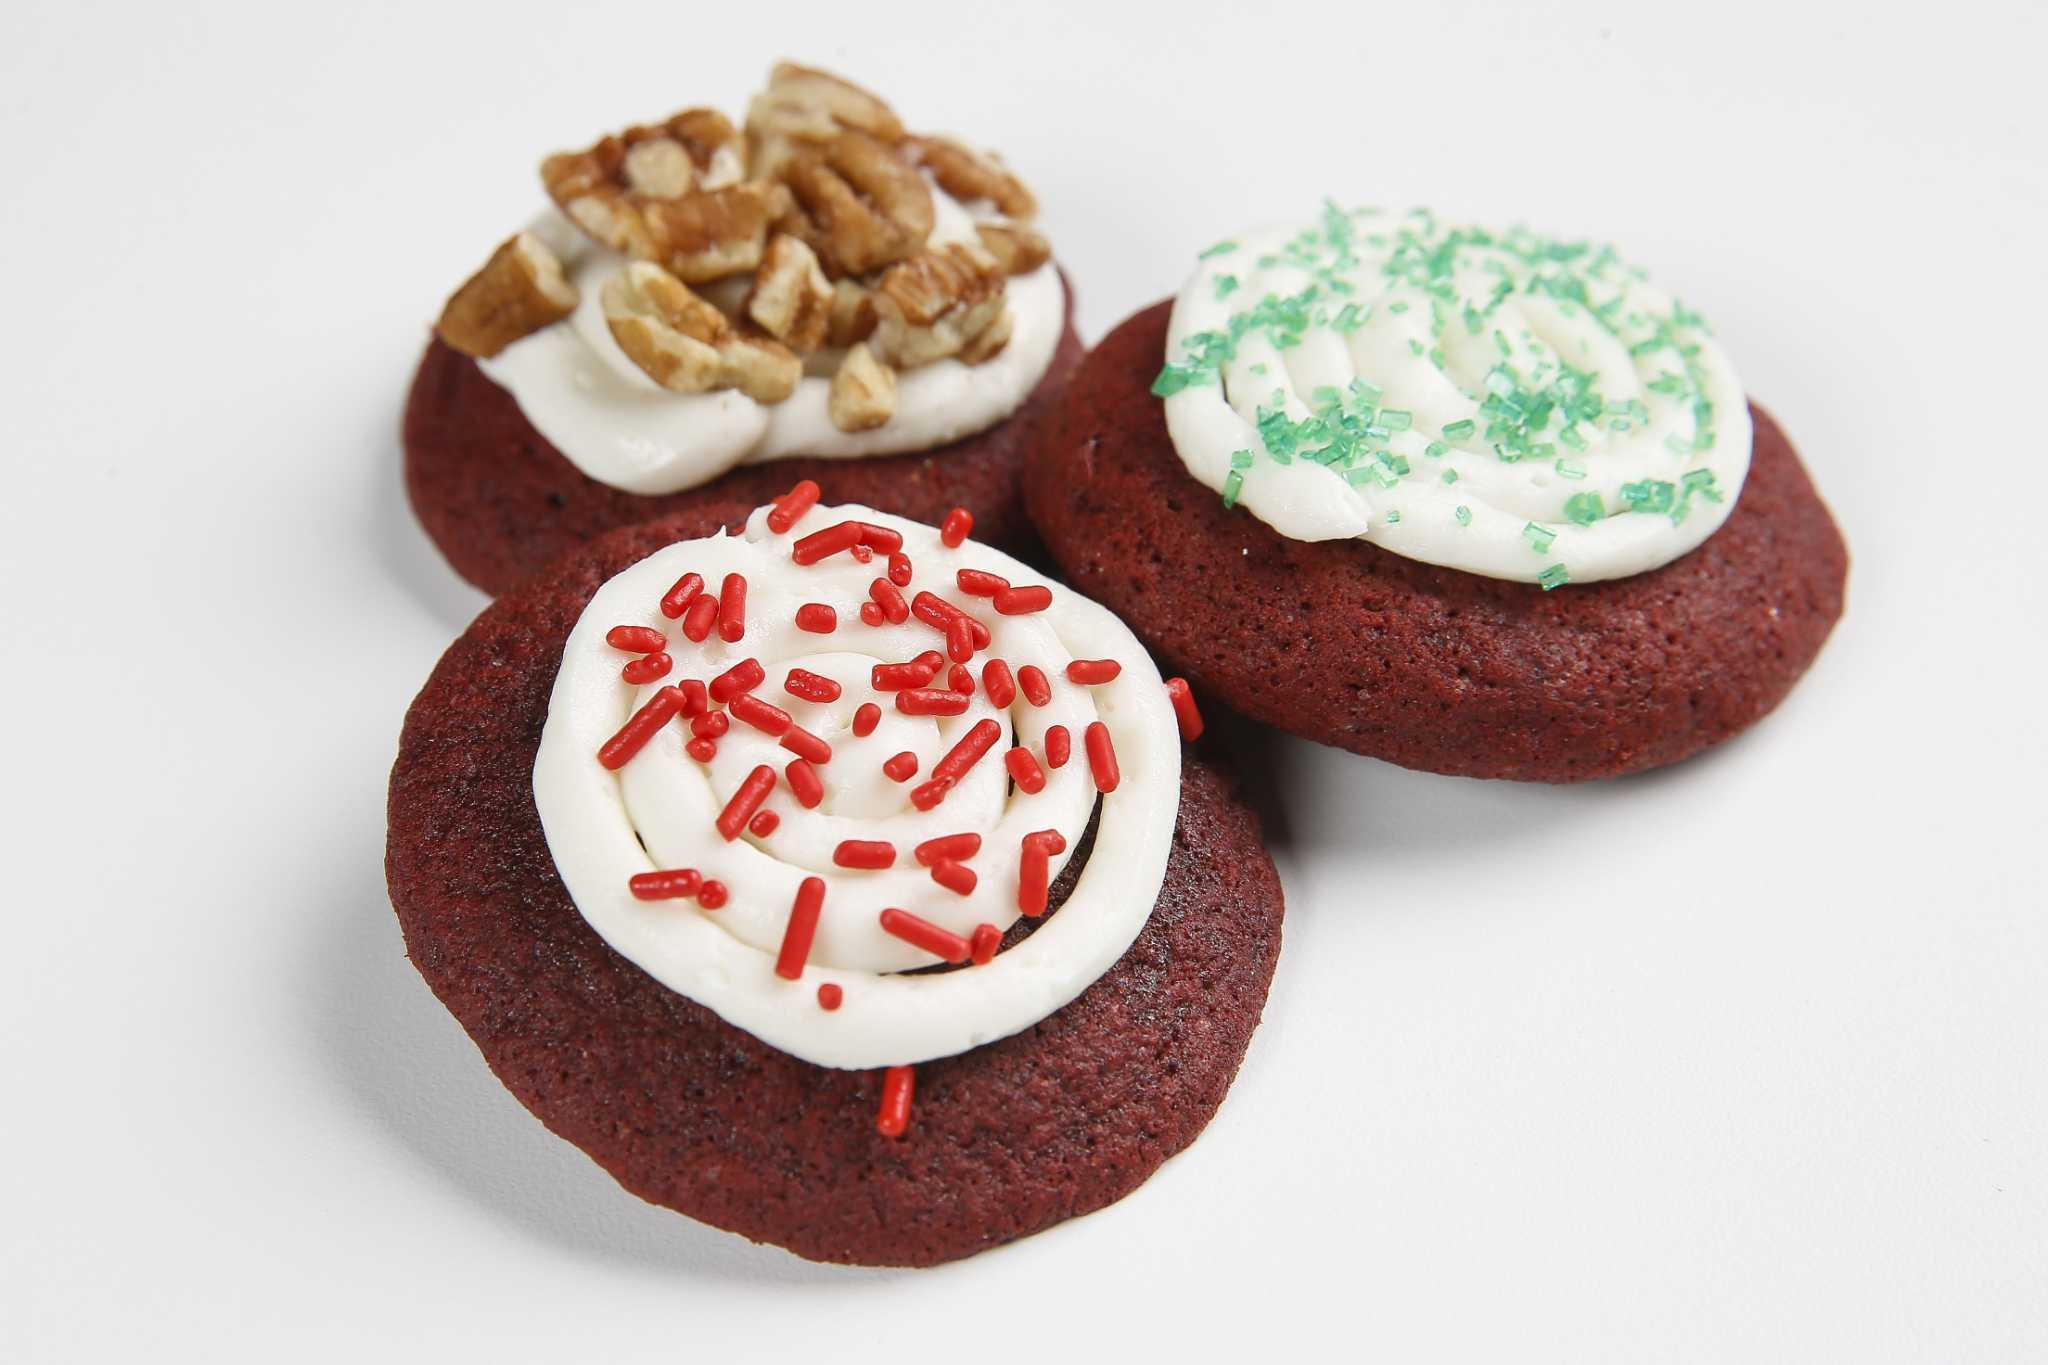 Where To Buy Red Velvet Cake In Houston